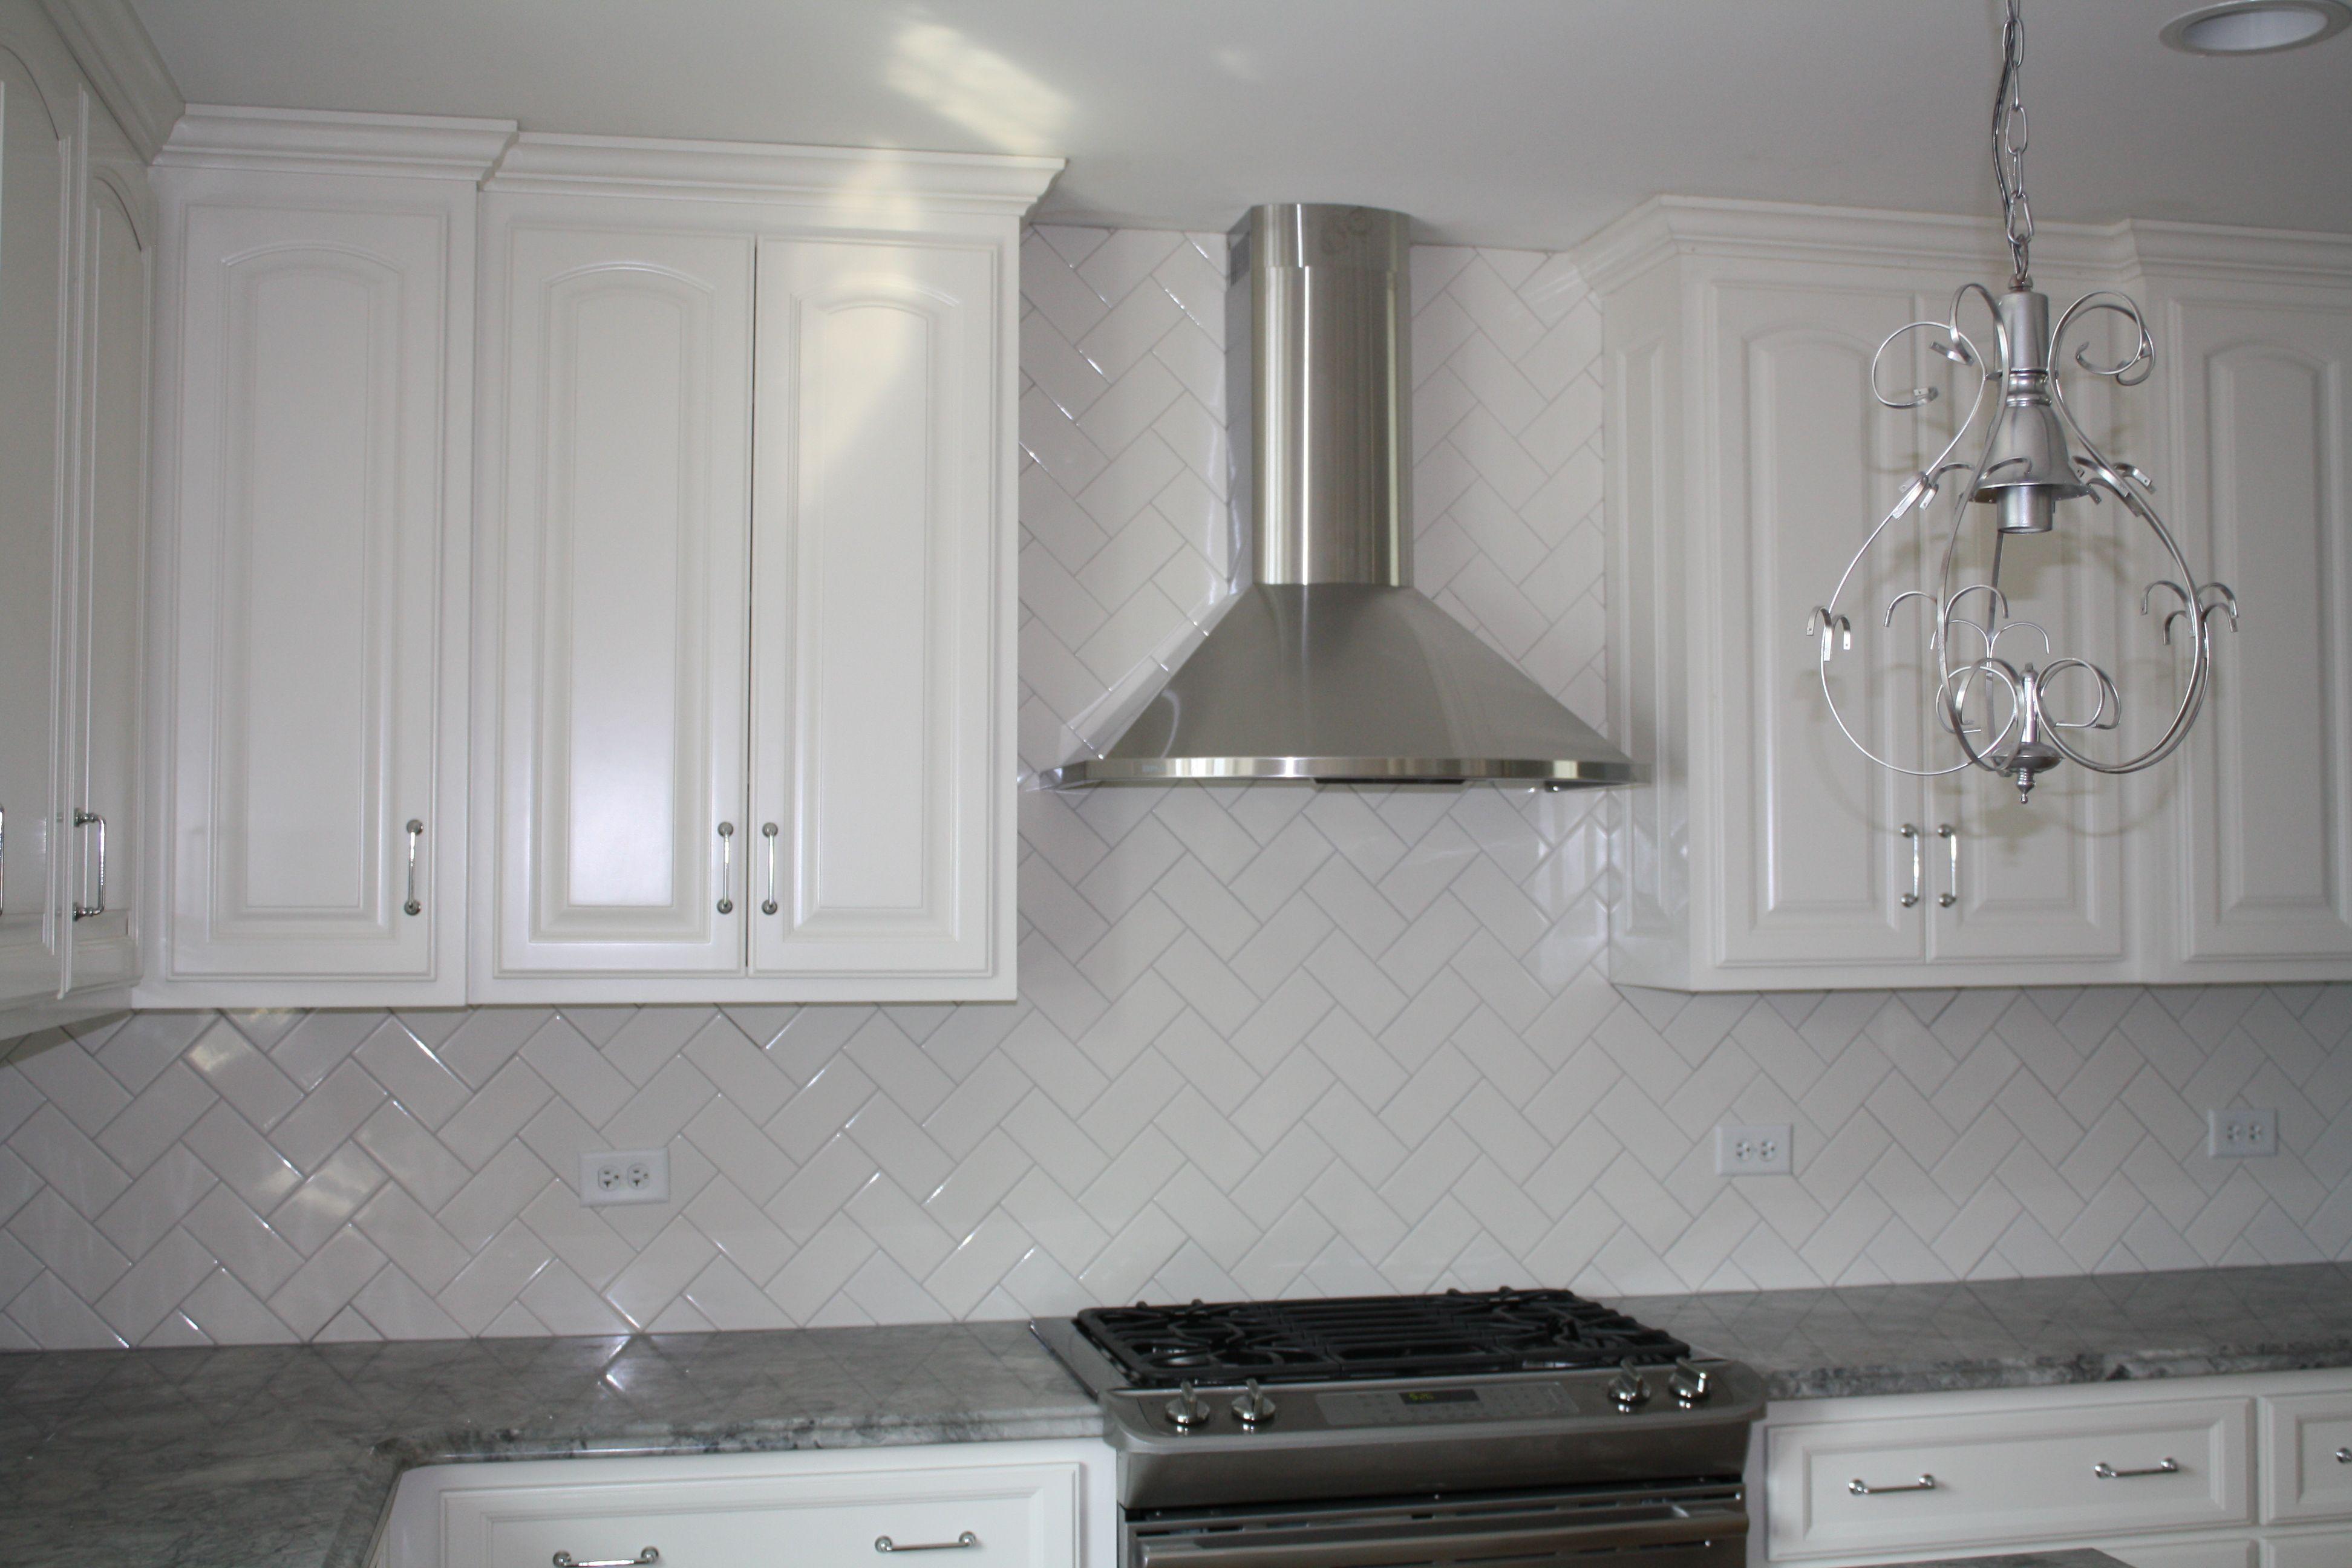 Küche Backsplash Diagonale Muster Küchen Wenn Sie Haben Viele Menschen Mit  Verschiedenen Aspekten Der Küche,